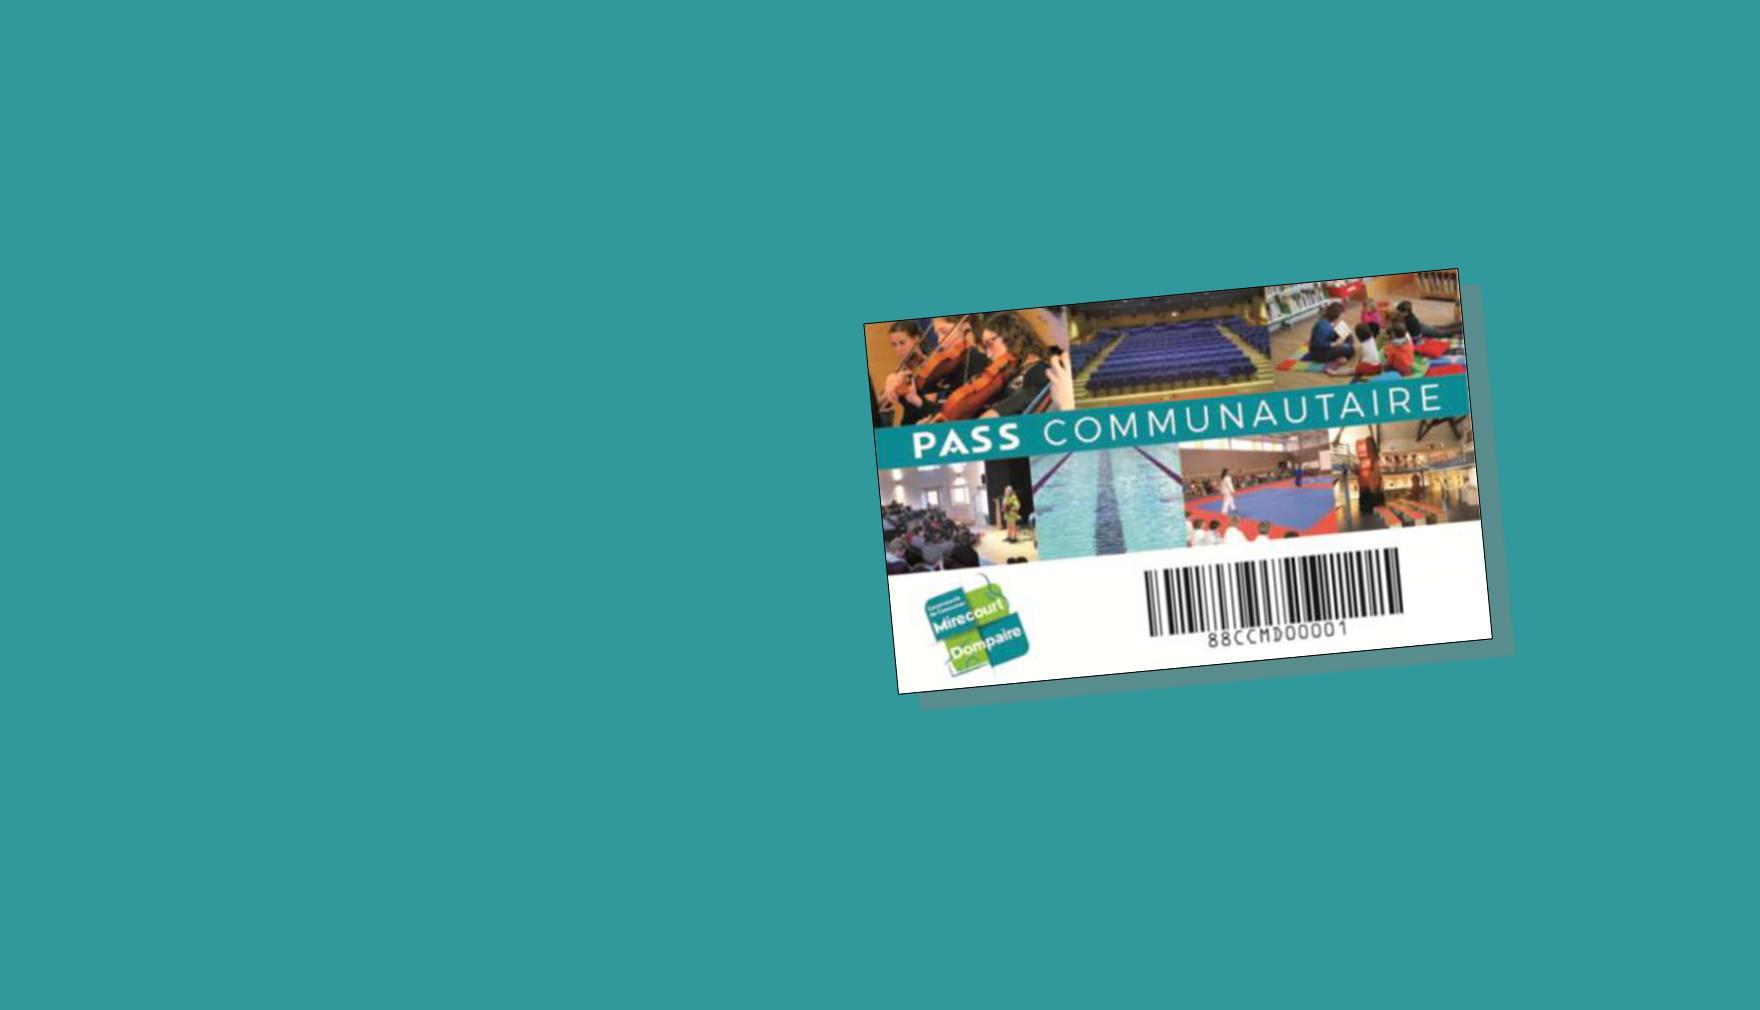 NOUVEAU : Des tarifs préférentiels avec le pass communautaire !